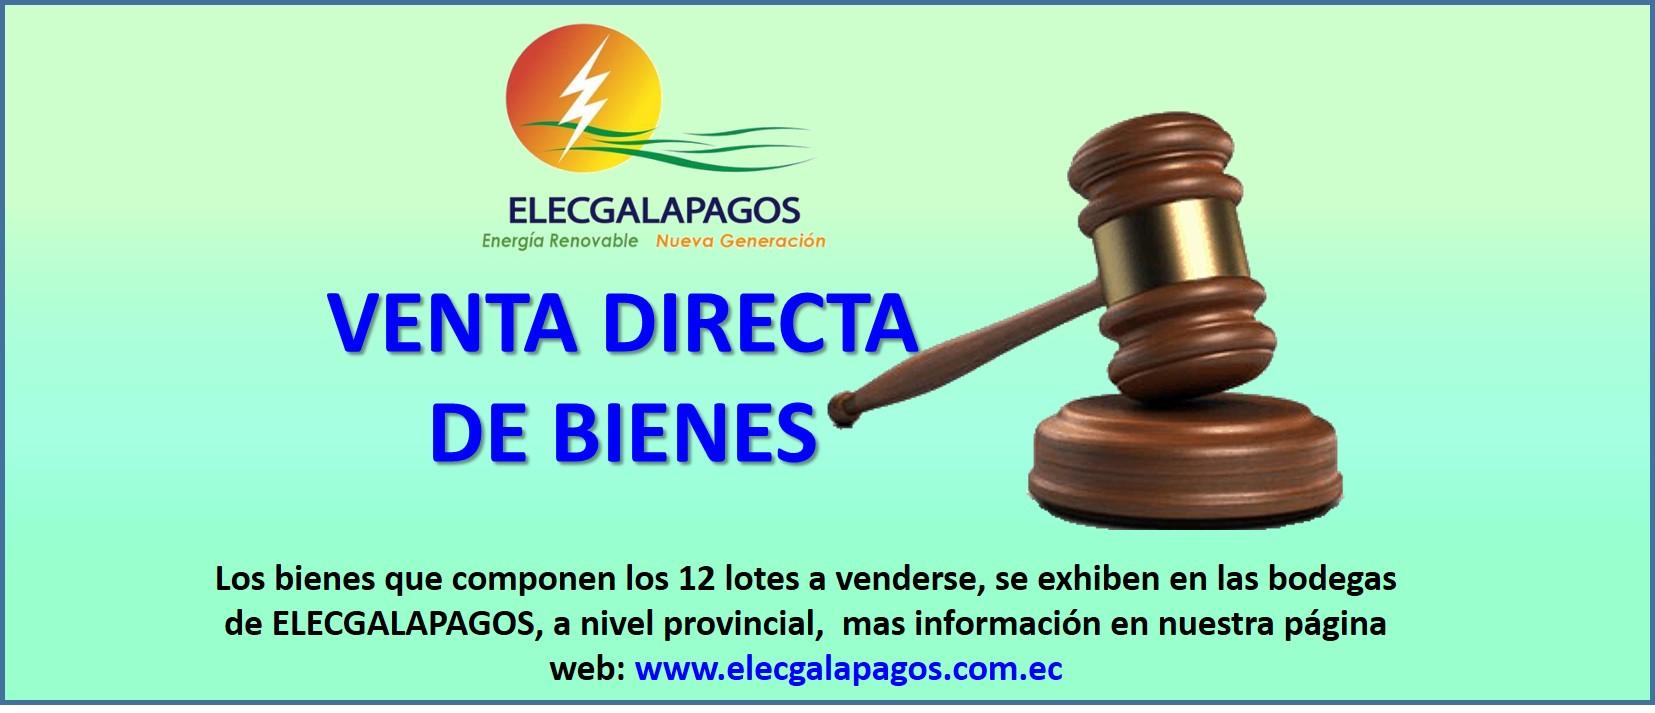 Noticias Elecgalapagos S A Energ A Renovable Nueva Generaci N # Muebles Generacion